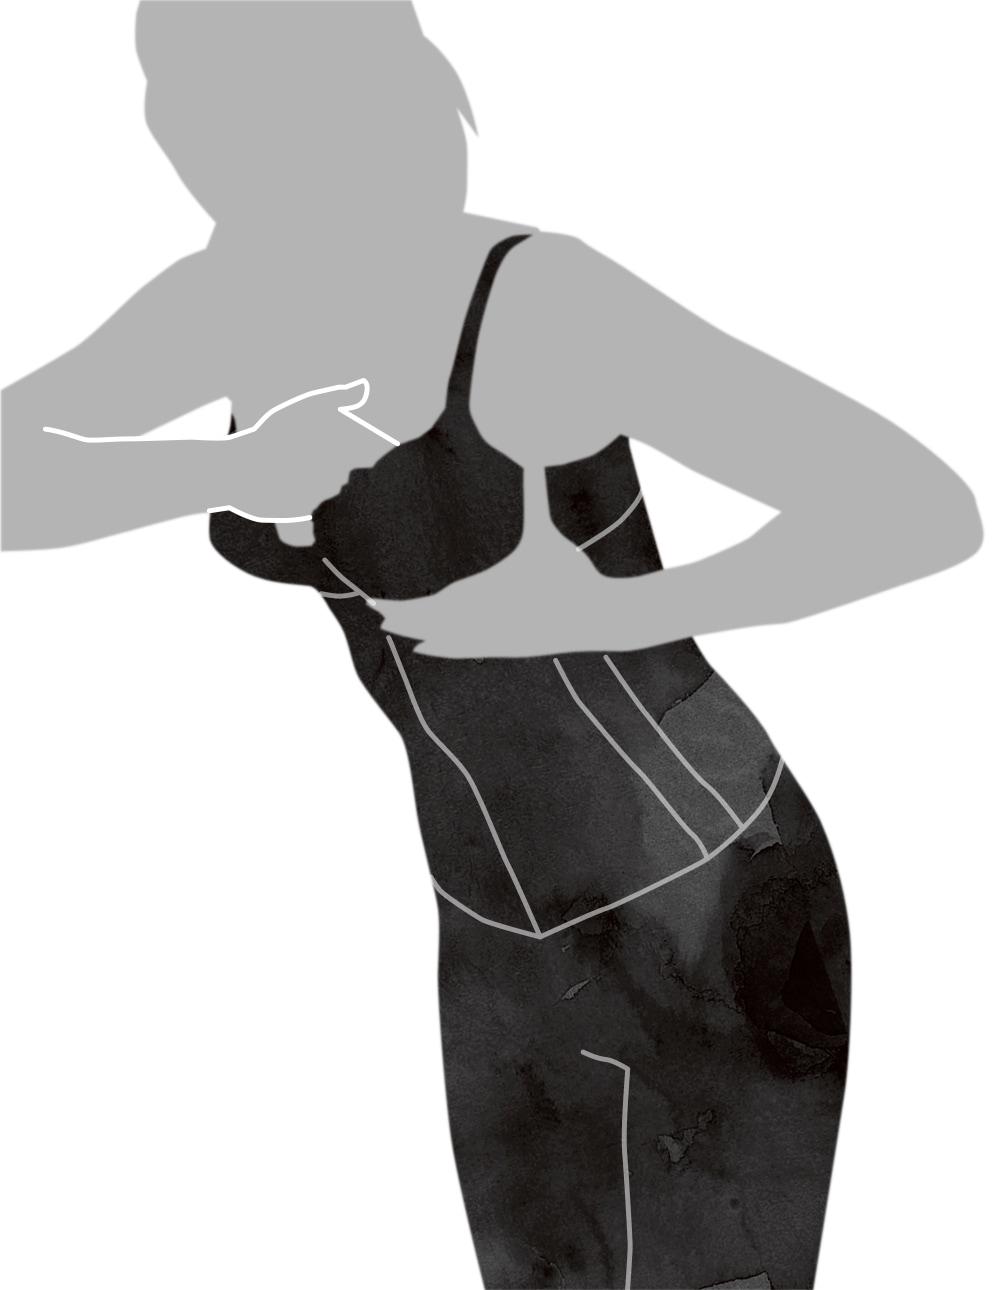 ウエストニッパーの着用方法応用編-6